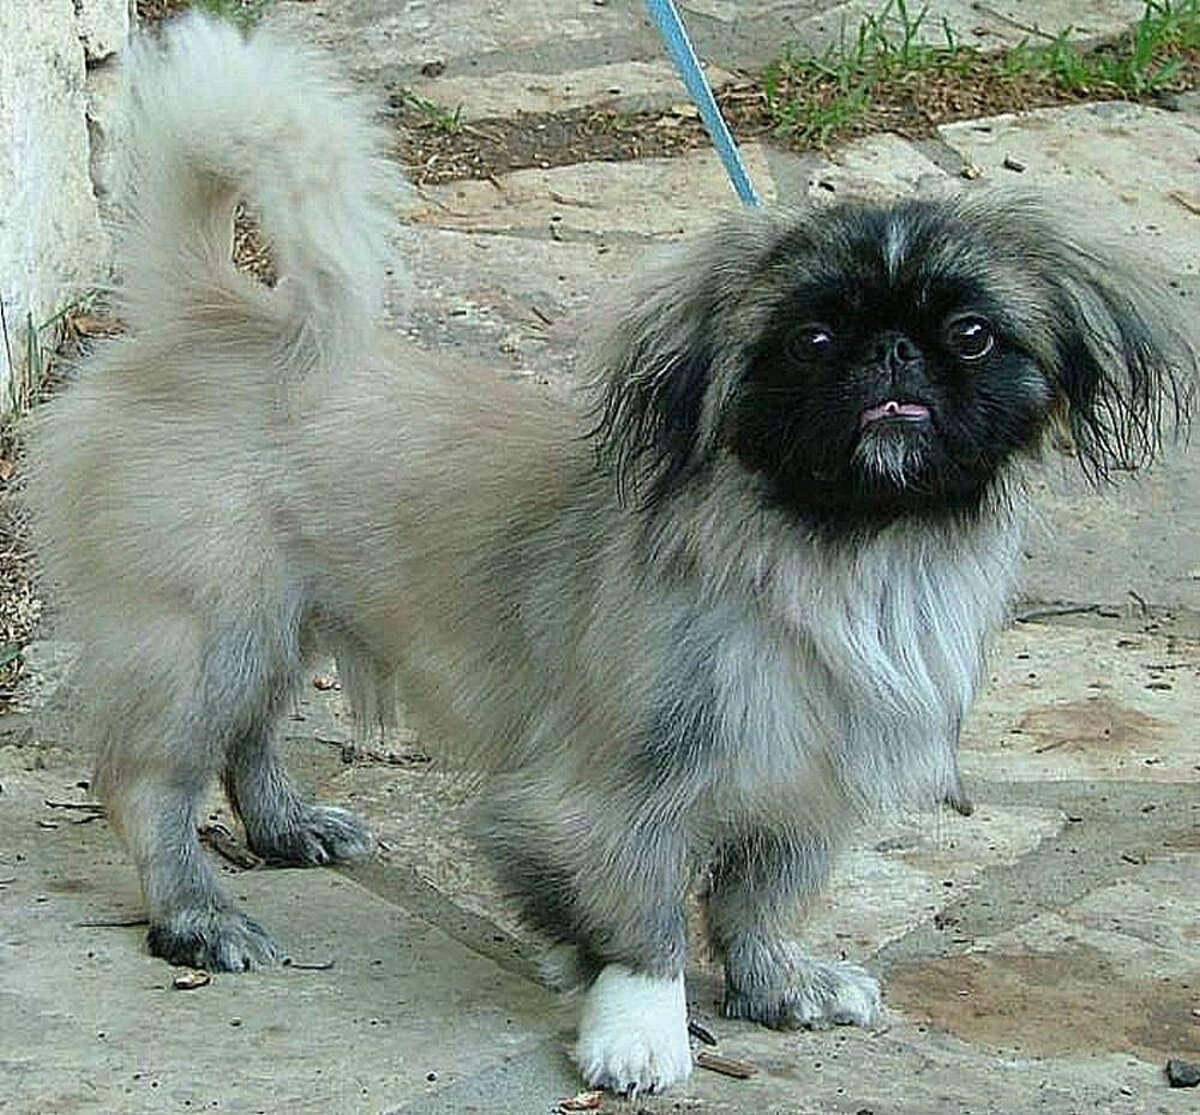 Peluchi is up for adoption. PHOTO COURTESY SNIPSA